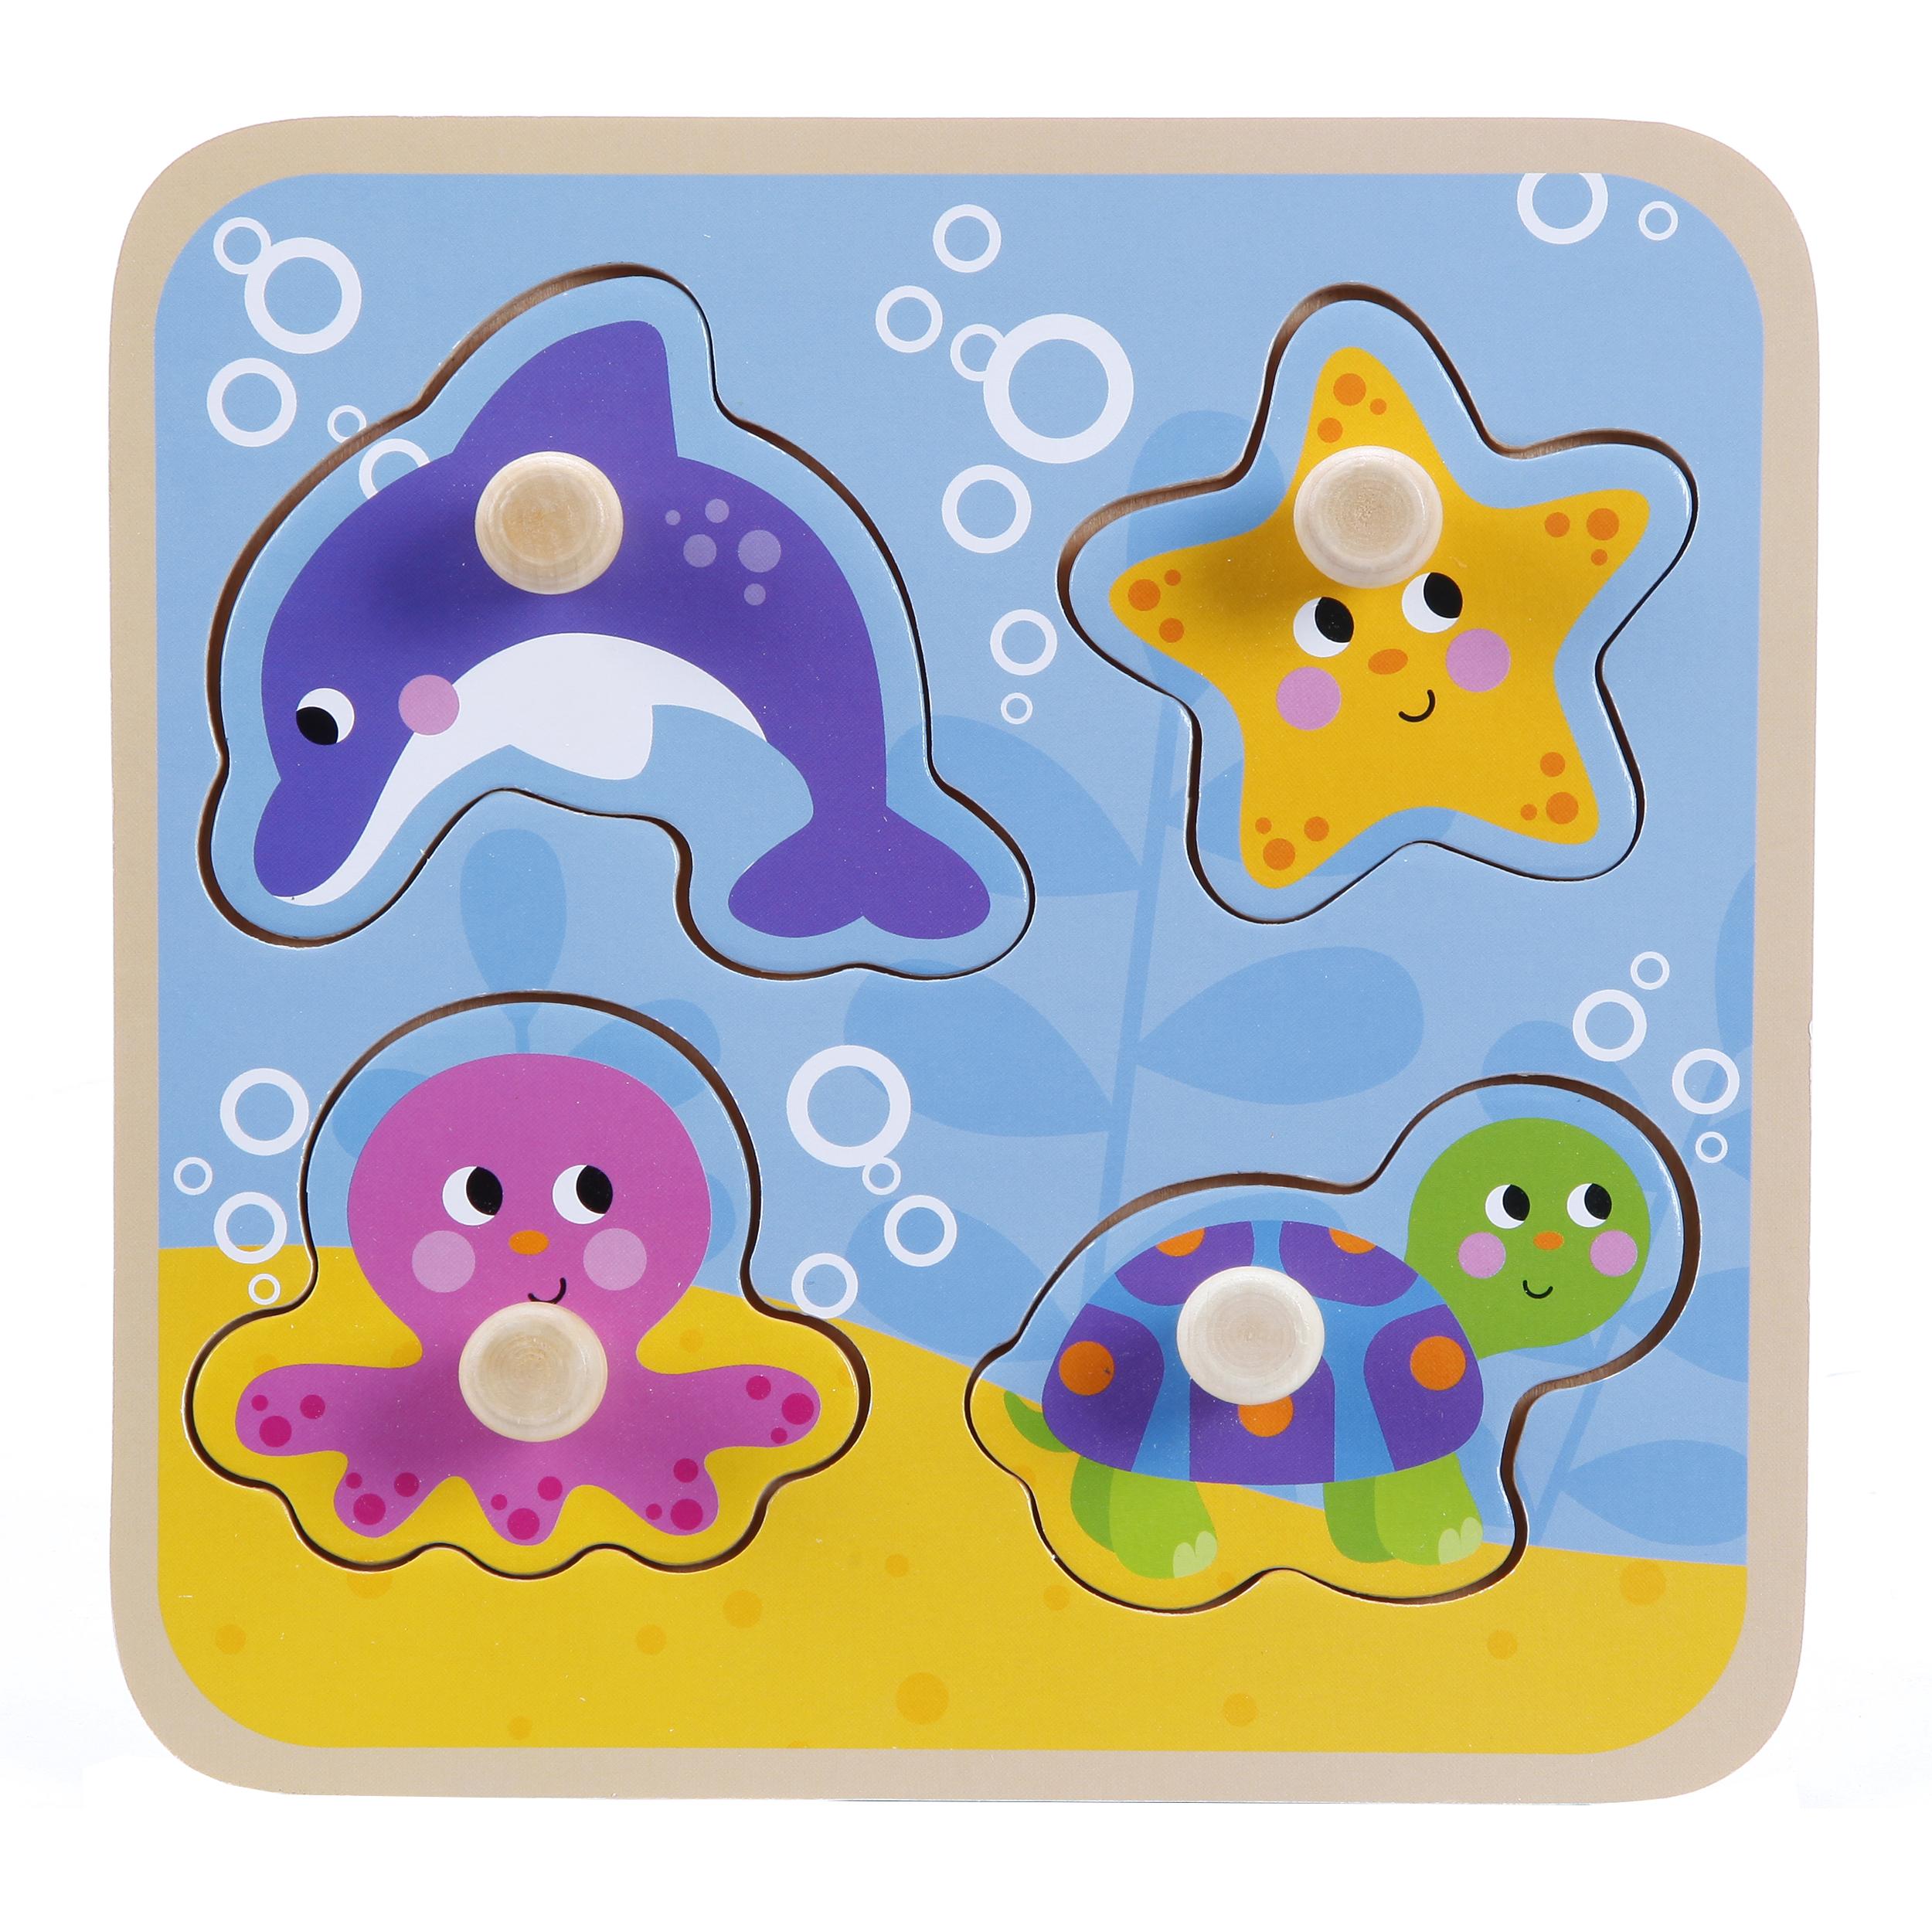 Деревянные игрушки Mapacha Вкладыши Mapacha «Море» деревянные игрушки mapacha кубик радужный 3 в 1